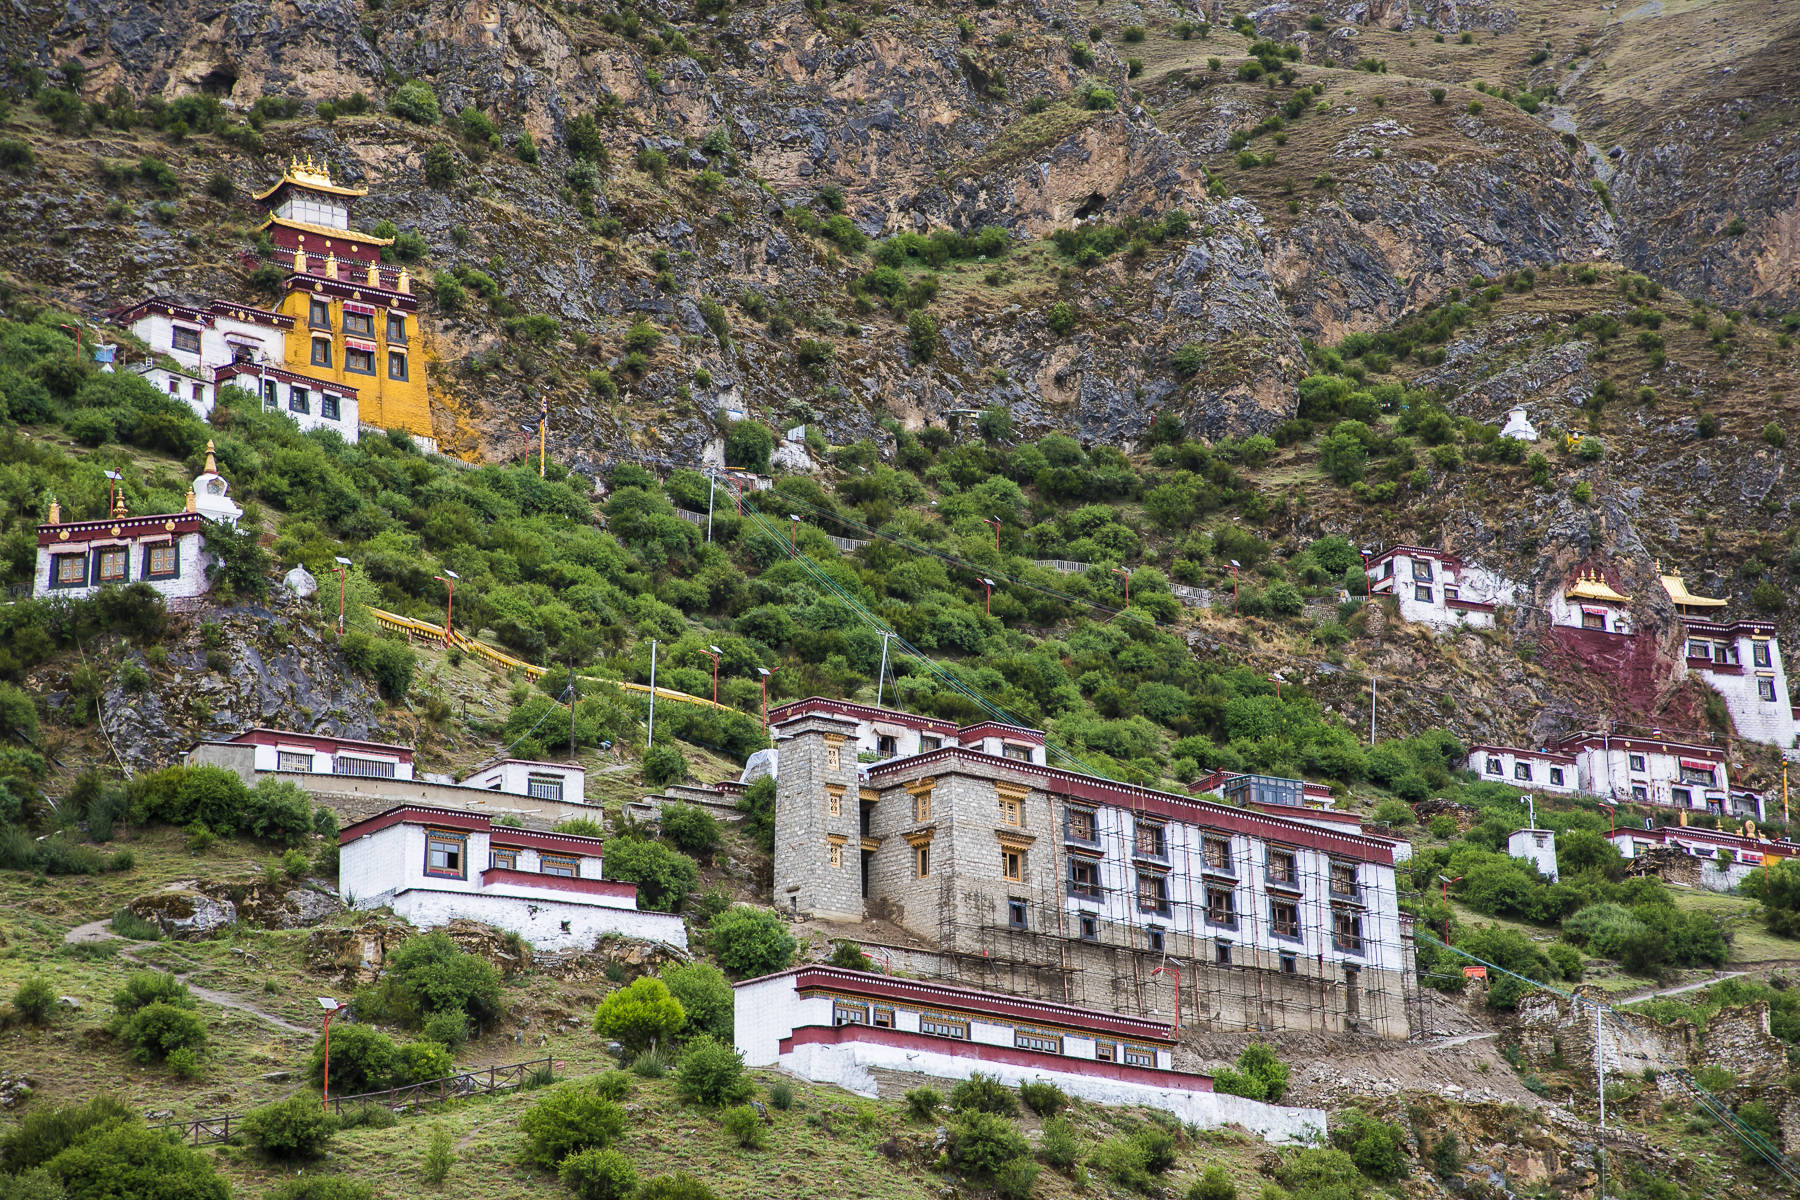 """原创西藏最""""险峻""""的寺庙,嵌在悬崖绝壁之上,建成已有1500年"""